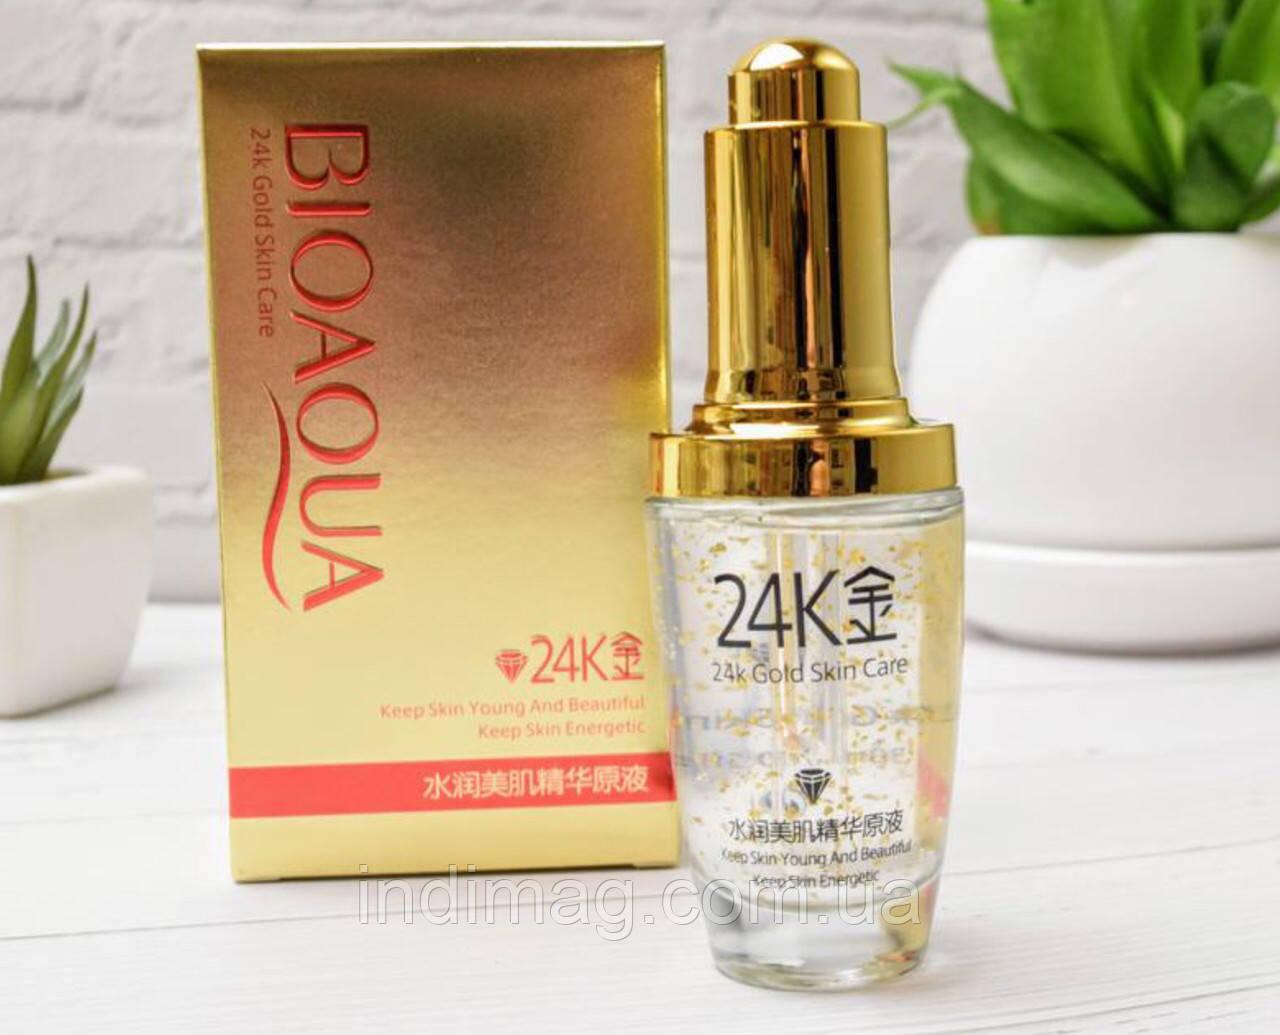 Сыворотка для лица BIOAQUA 24K Gold Skin Care с частицами 24к золота и гиалуроновой кислотой